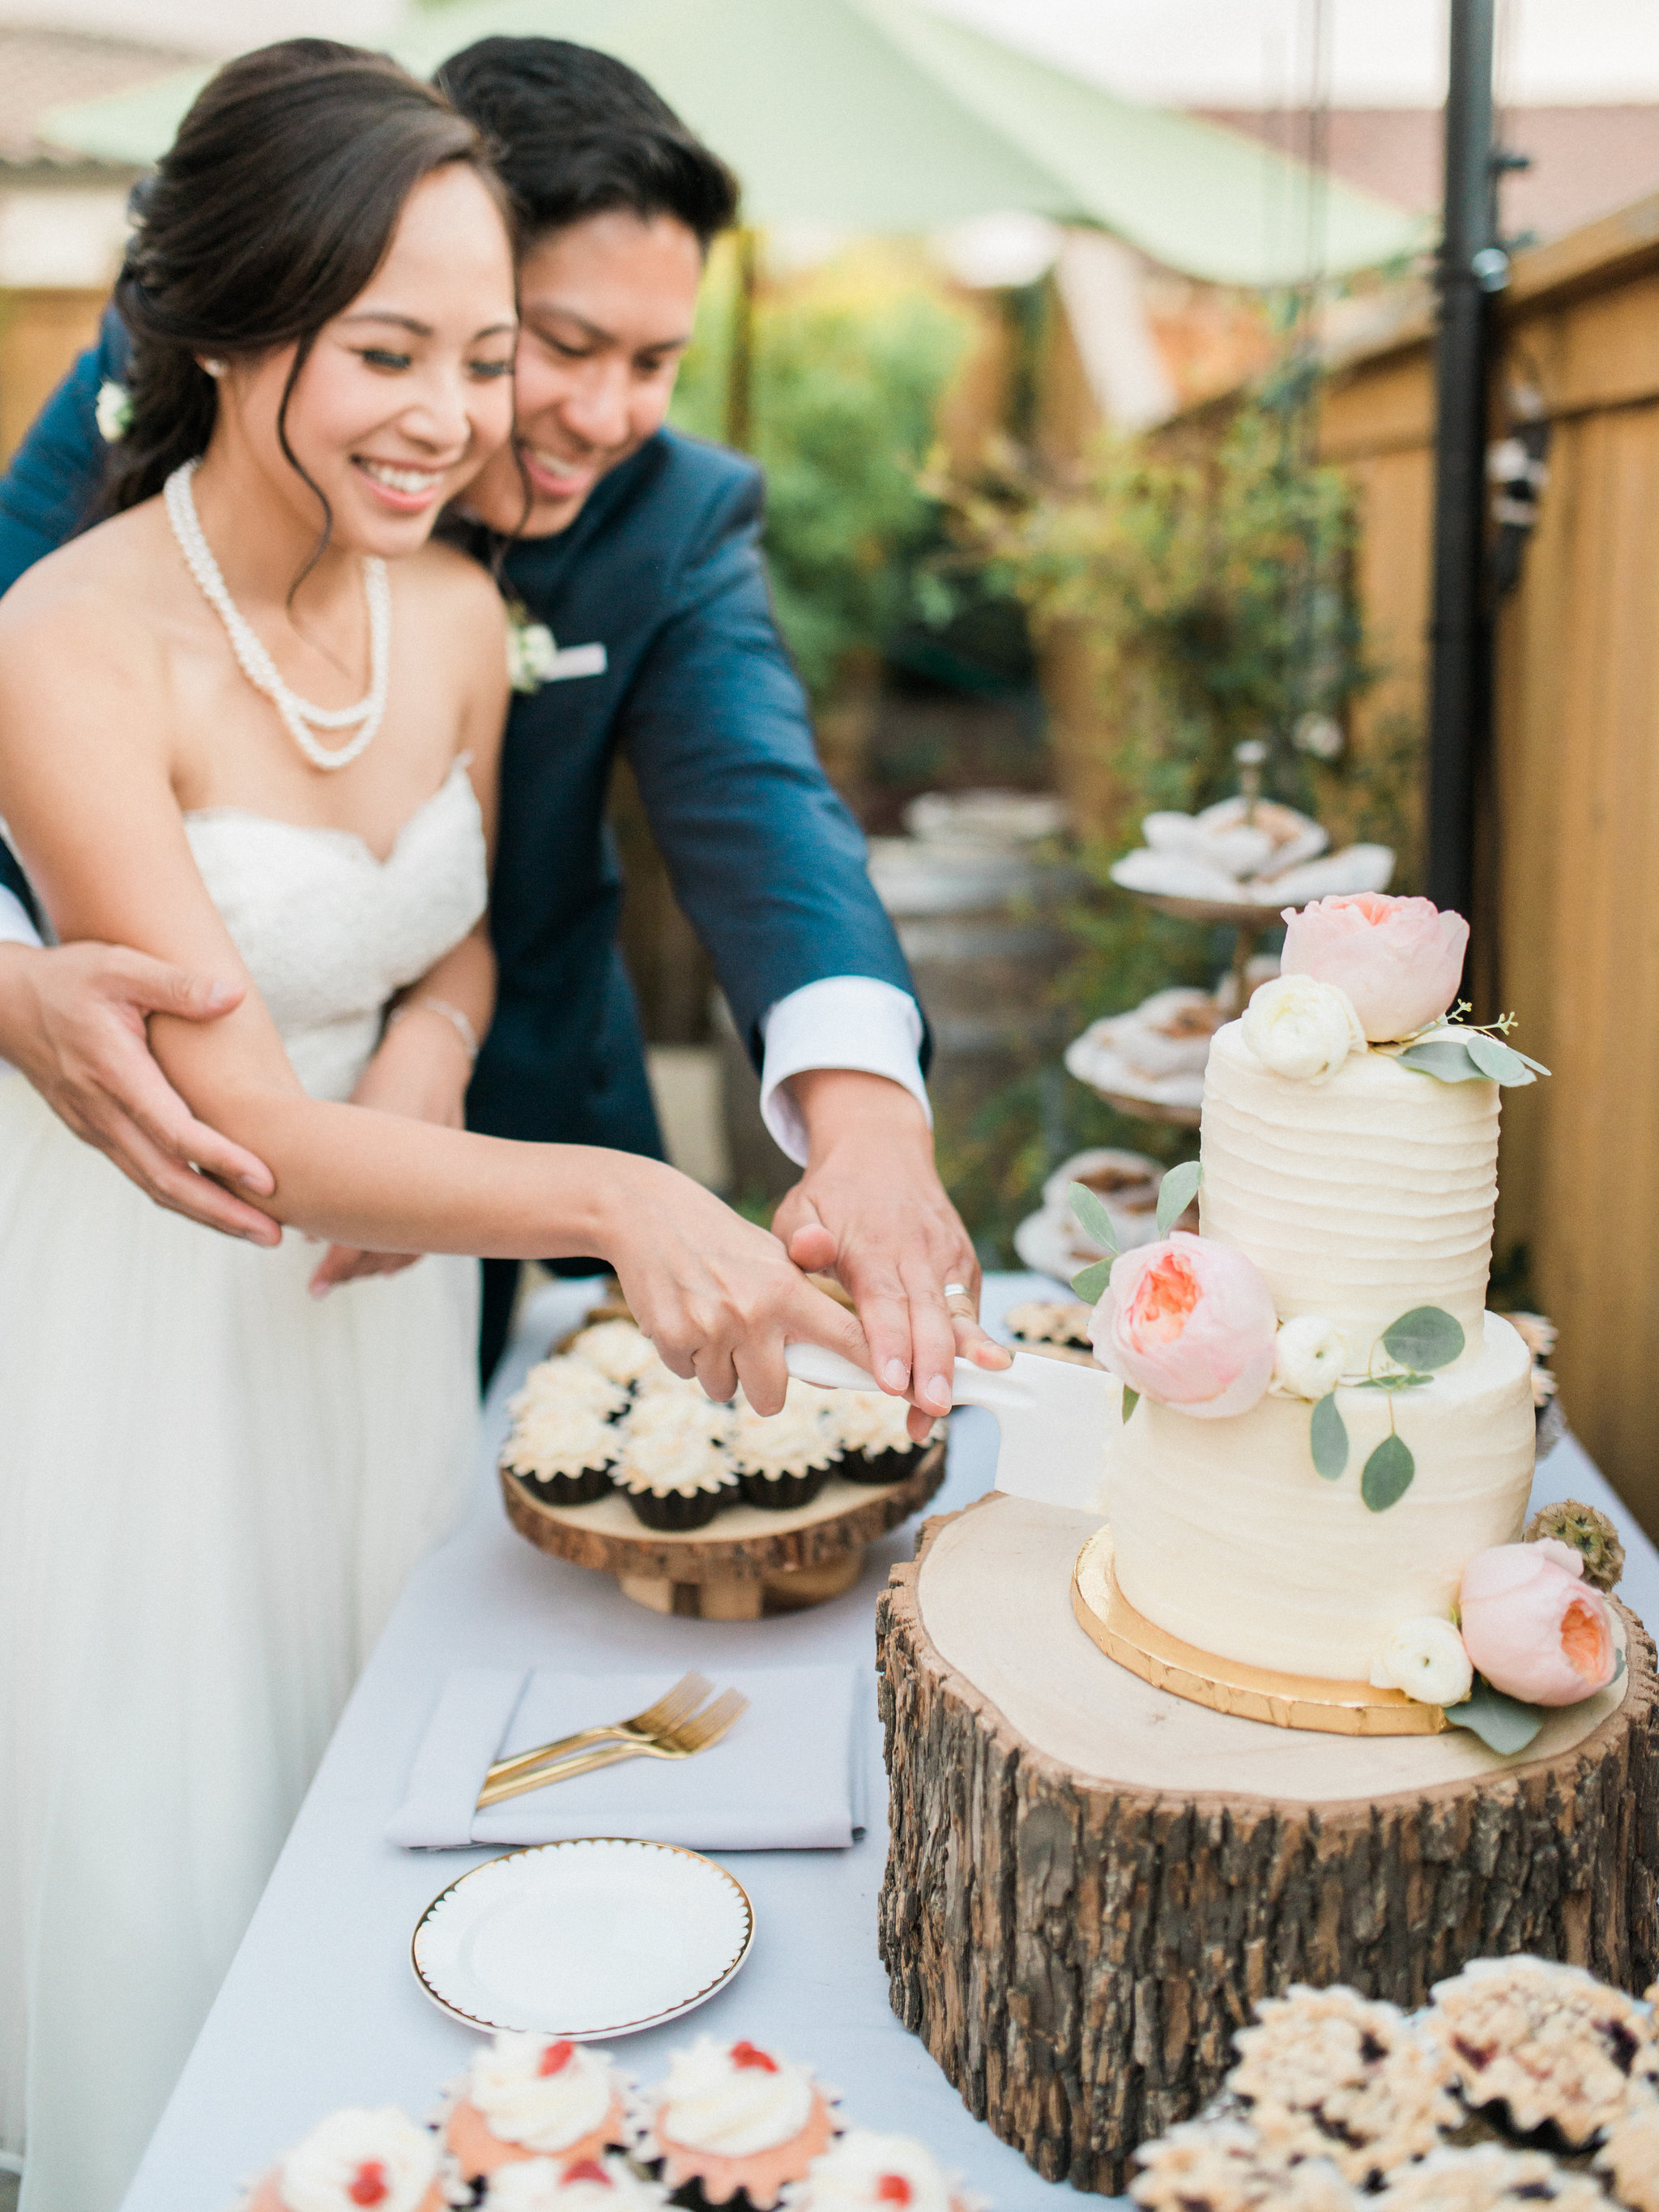 ellenandmatt-wedding-1298.jpg